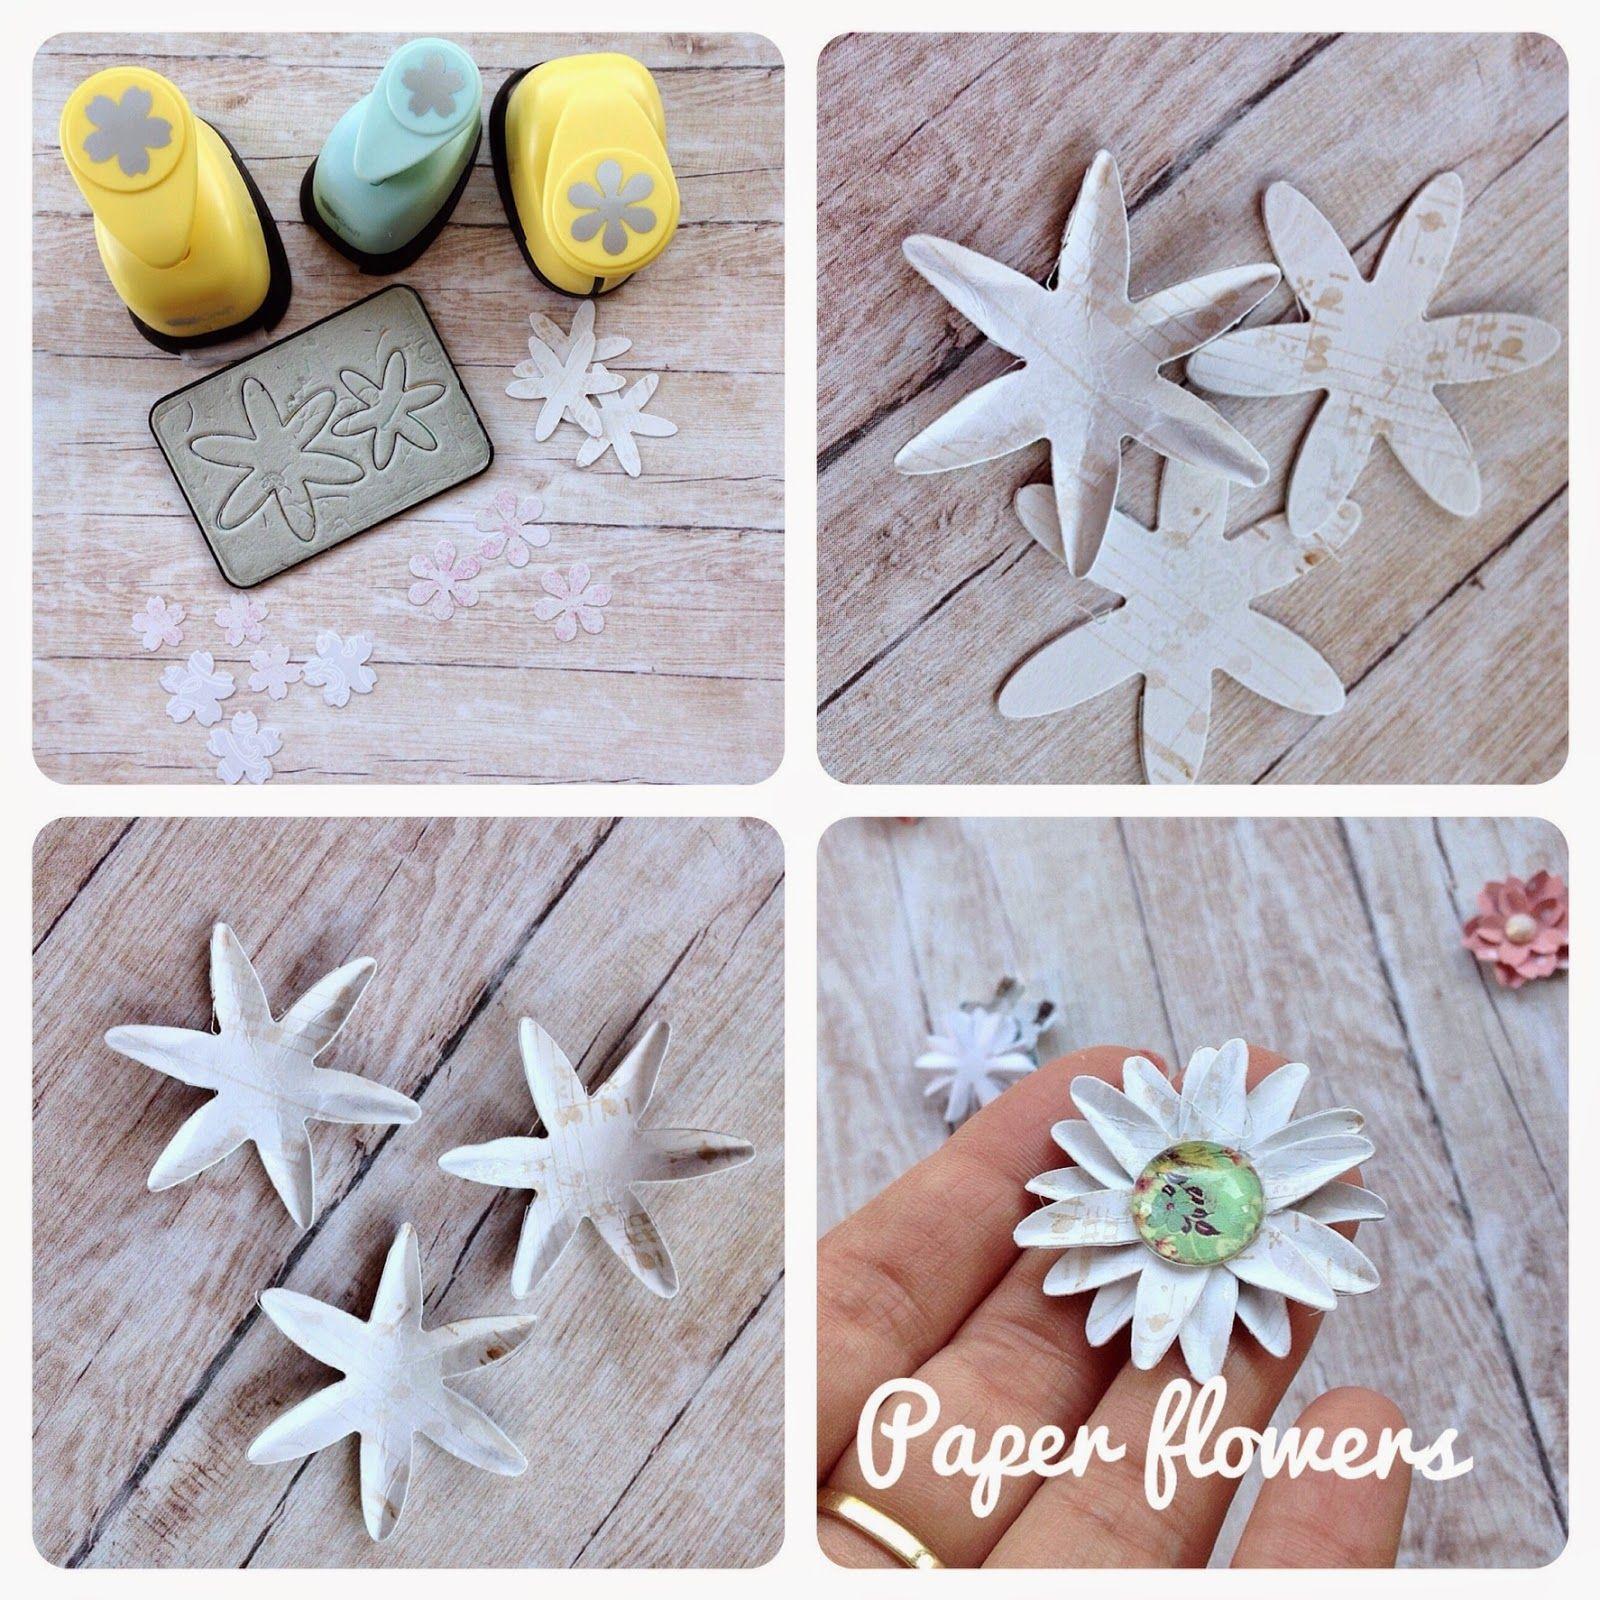 Scrapbooking Cardmaking Jak Zrobic Kwiatki Z Papieru Paper Flowers Flower Making Scrapbook